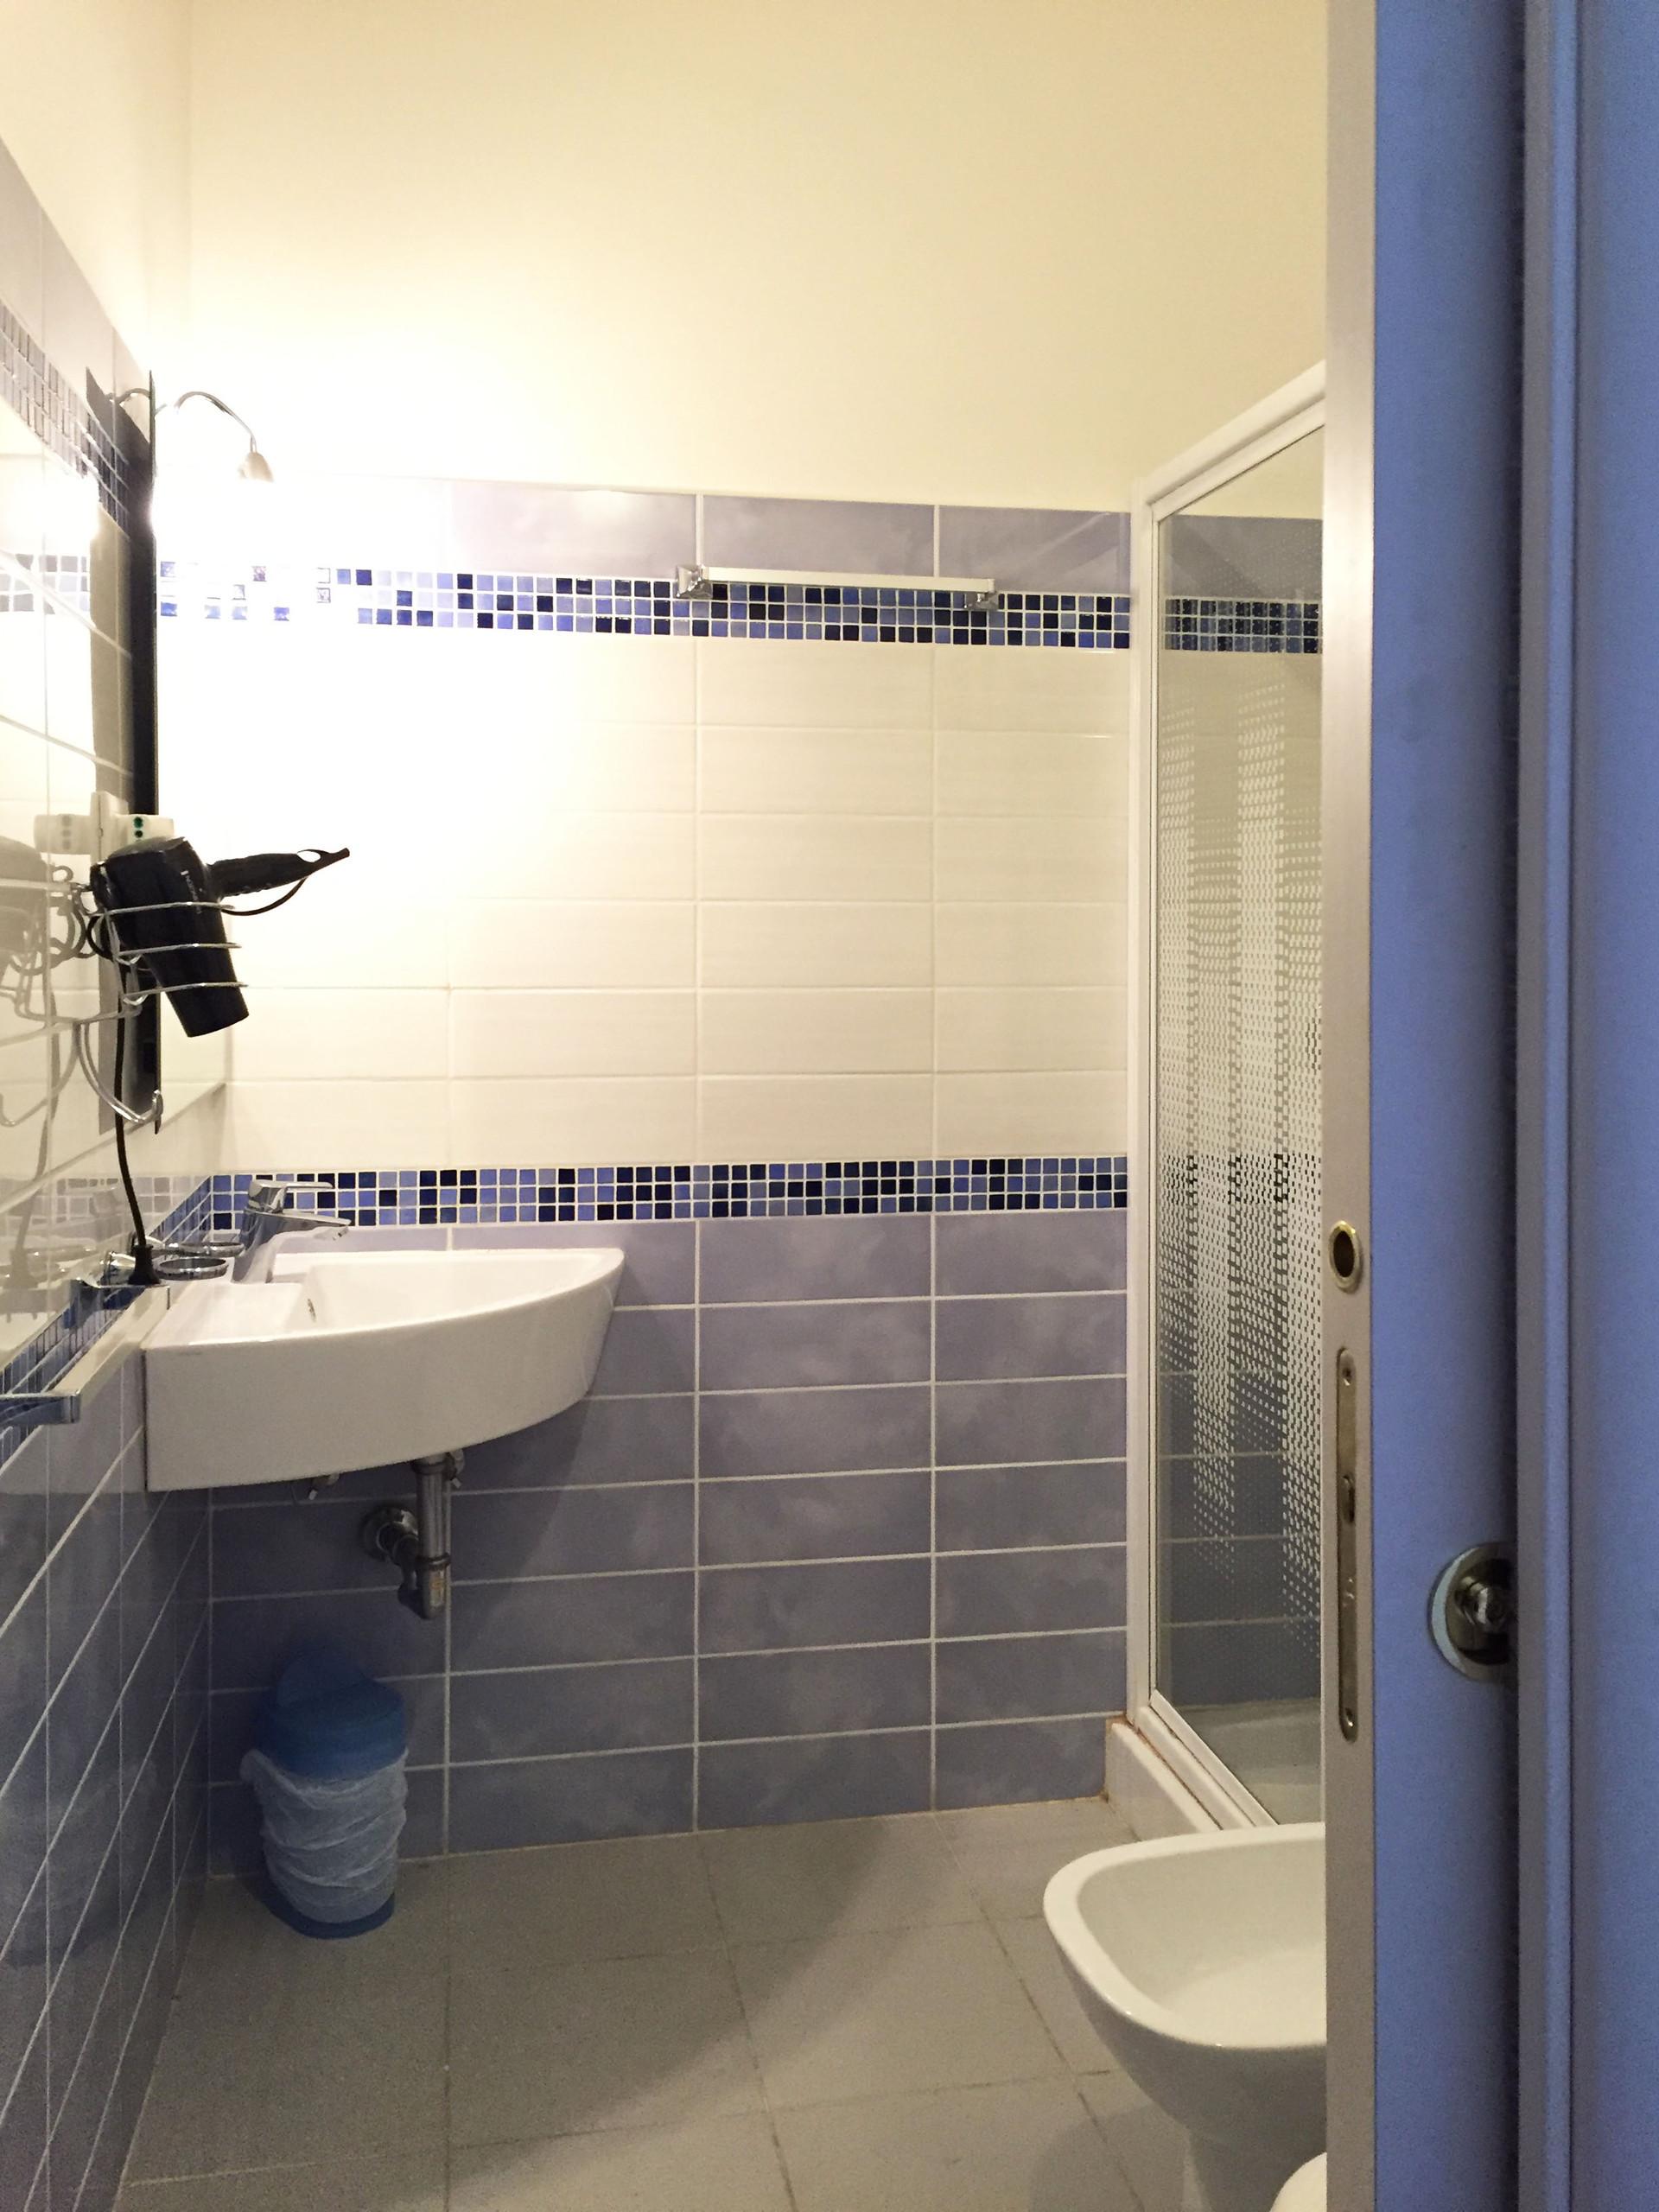 Camera stupende con bagno privato anche coppie stanze - Camera con bagno ...